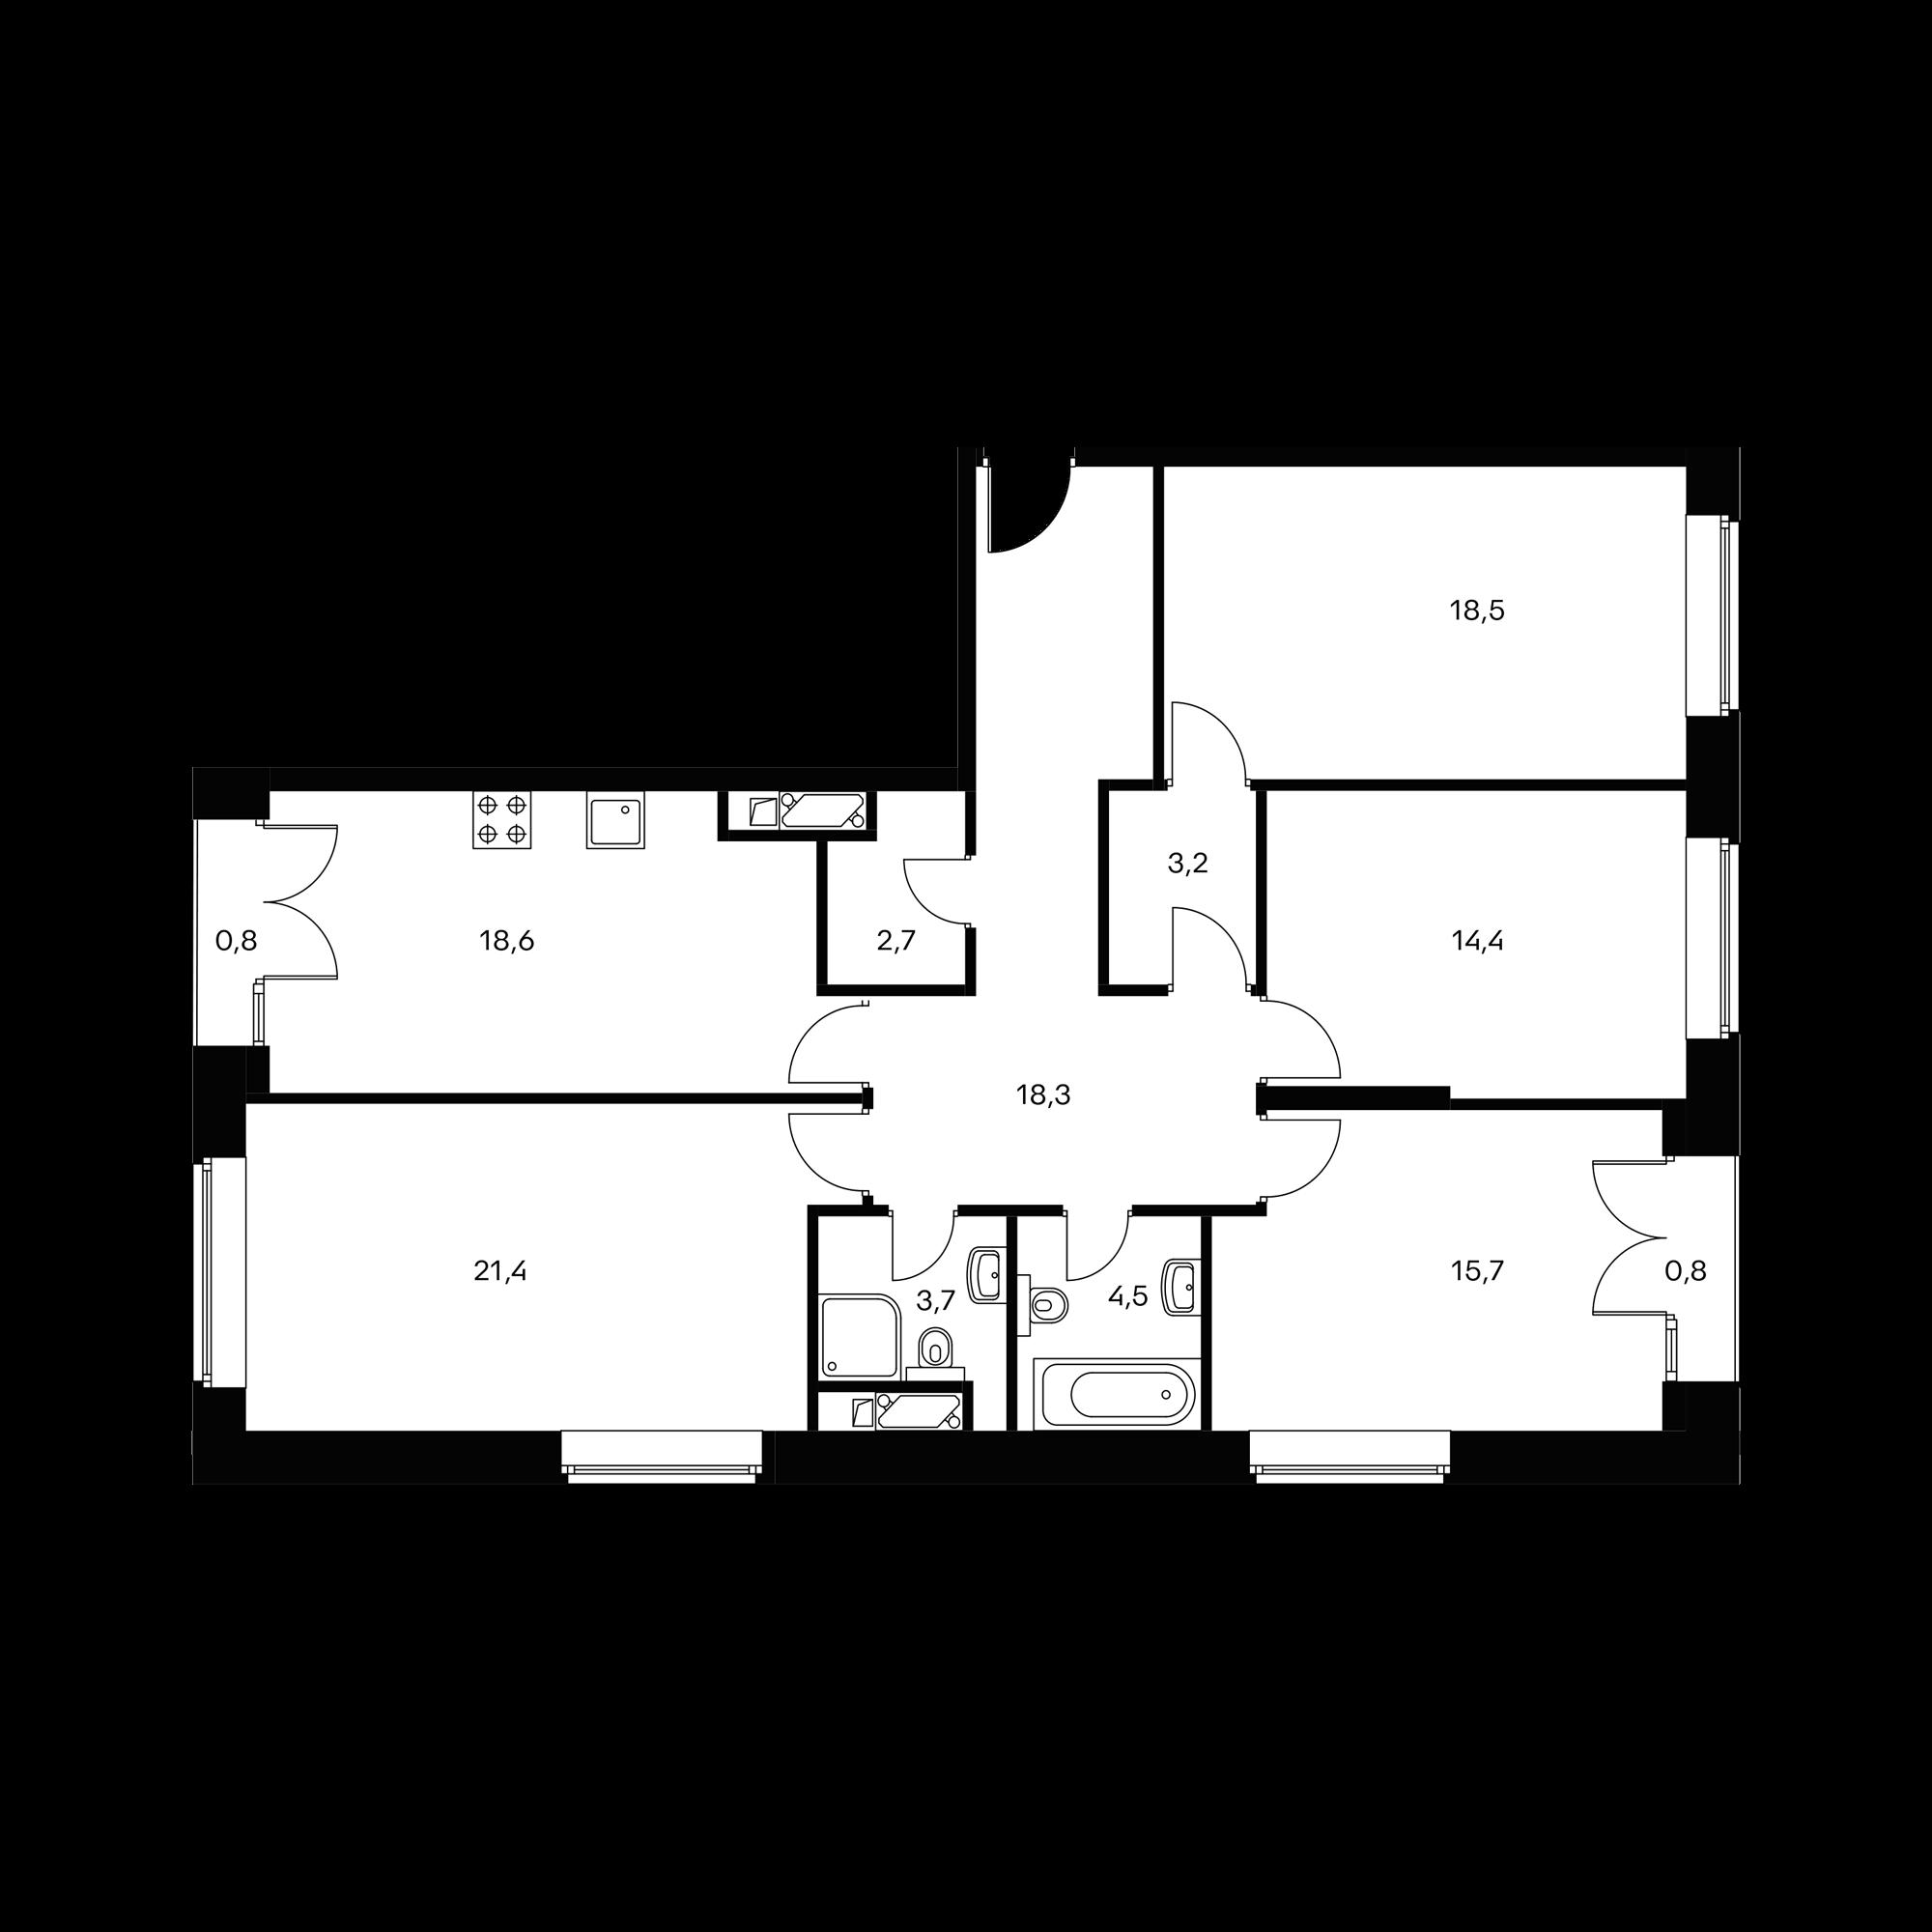 4-комнатная 121.9 м²